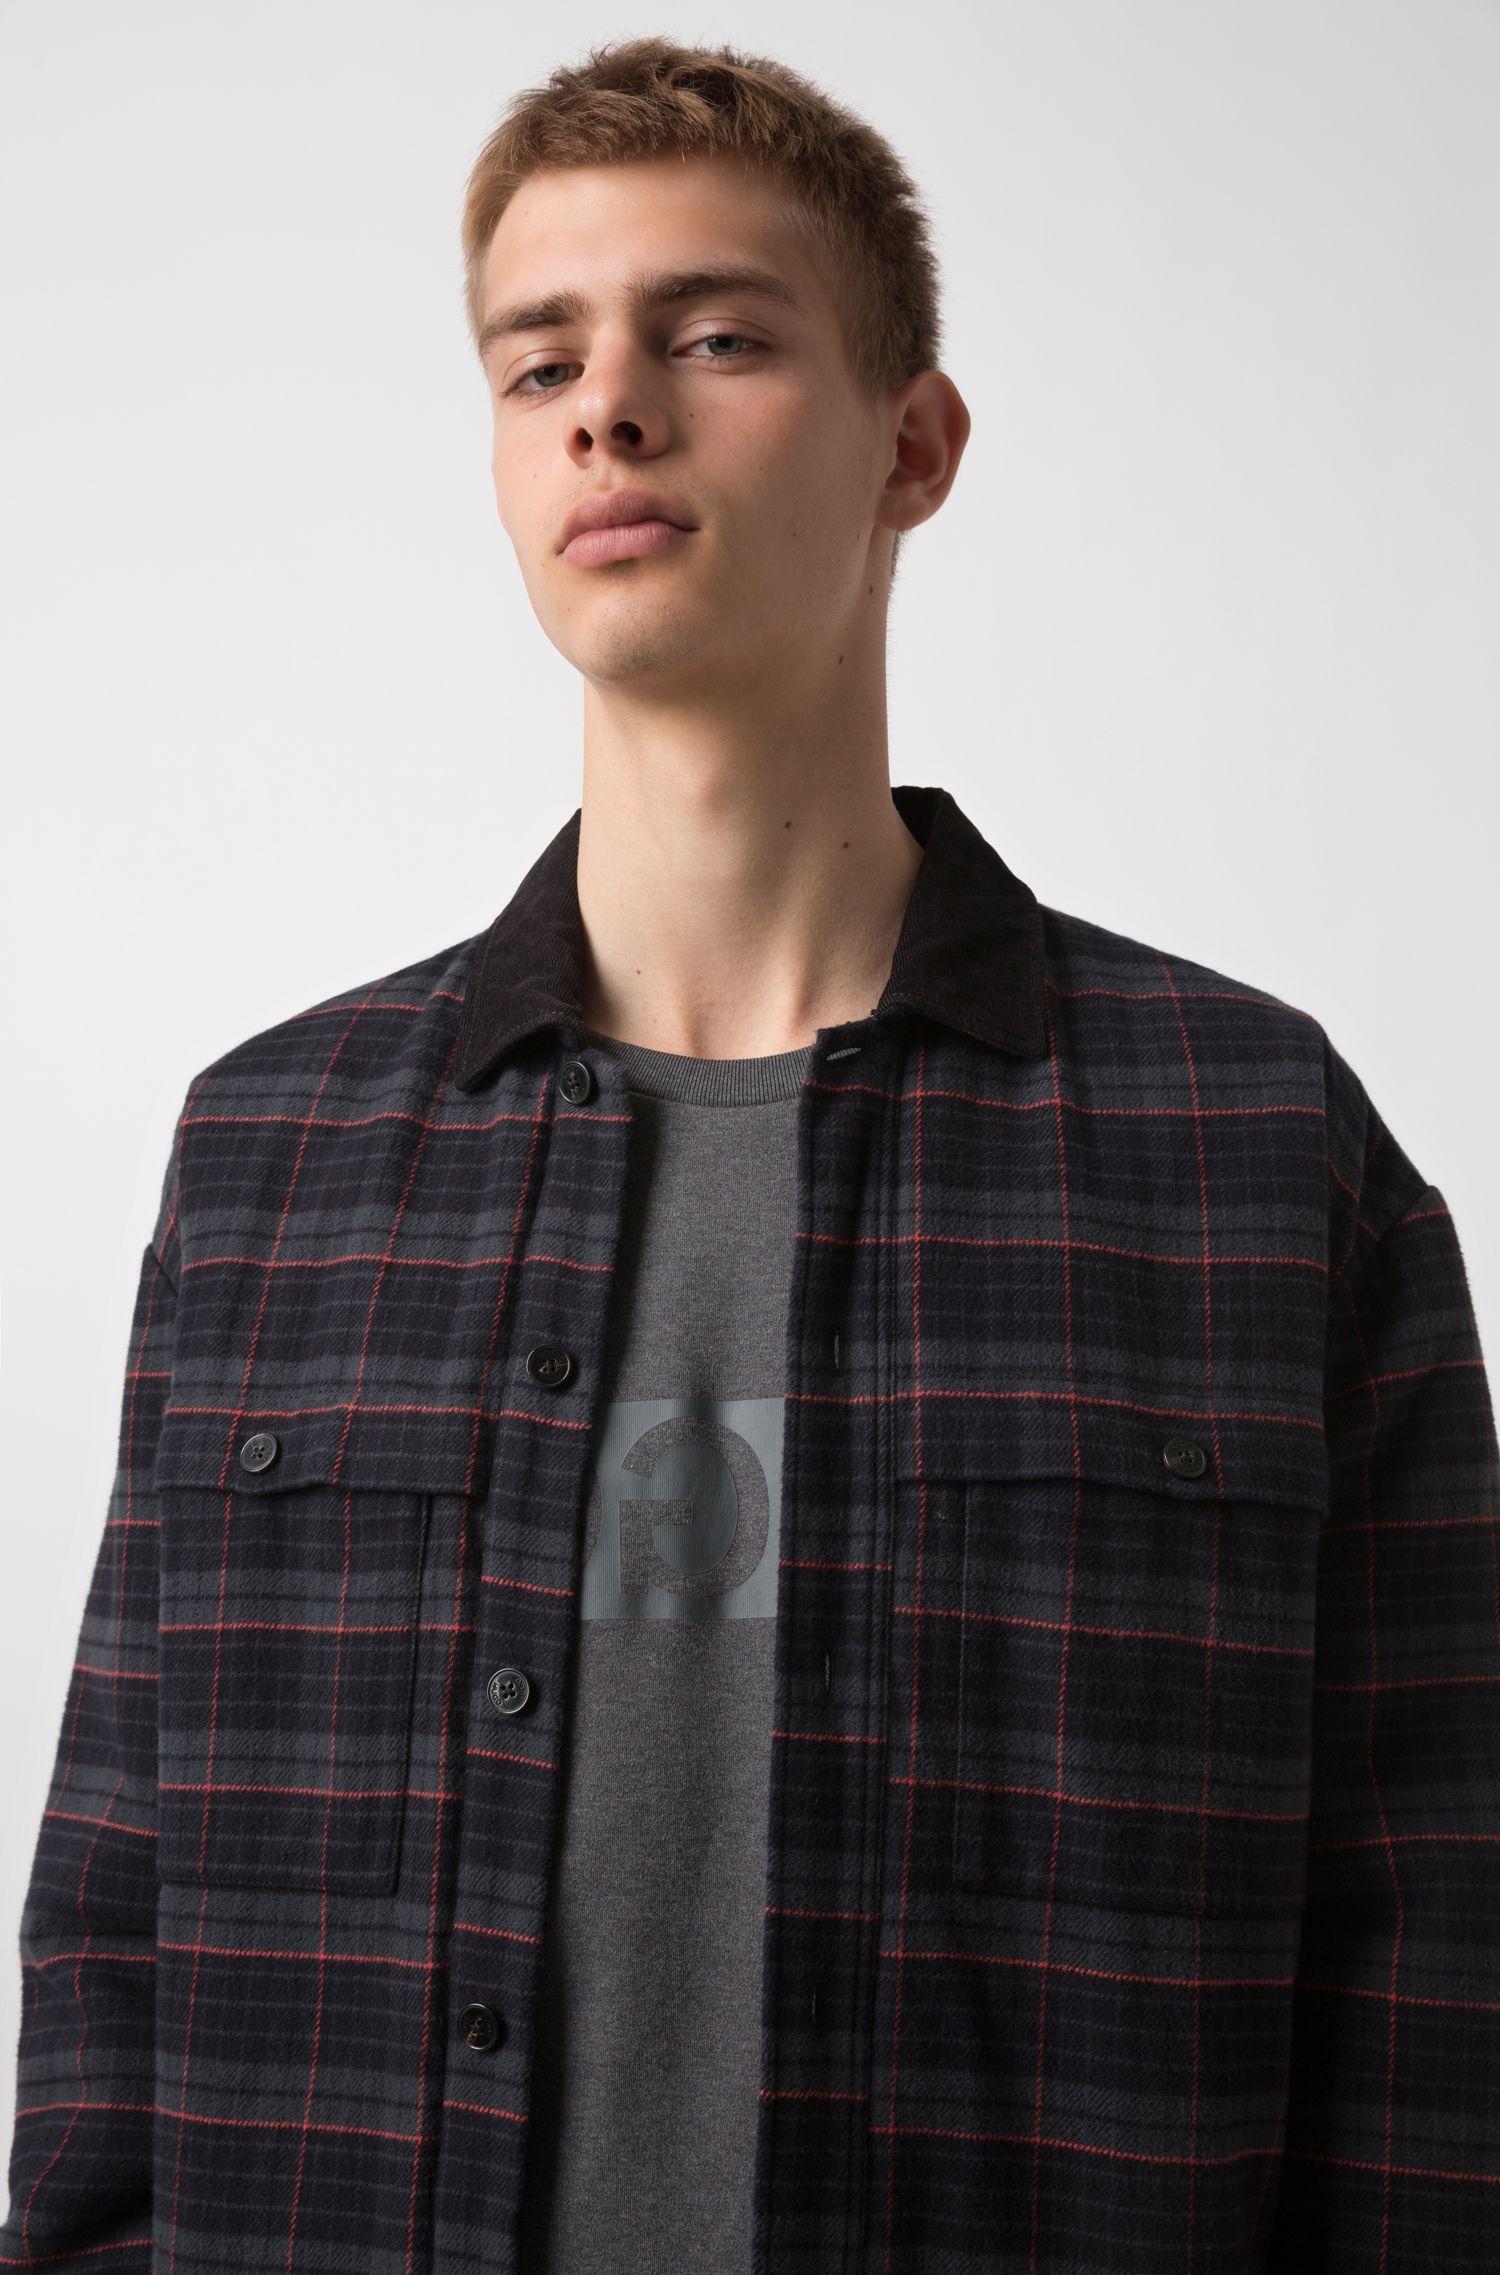 Sudadera de algodón de cuello redondo con logo invertido estampado, Gris